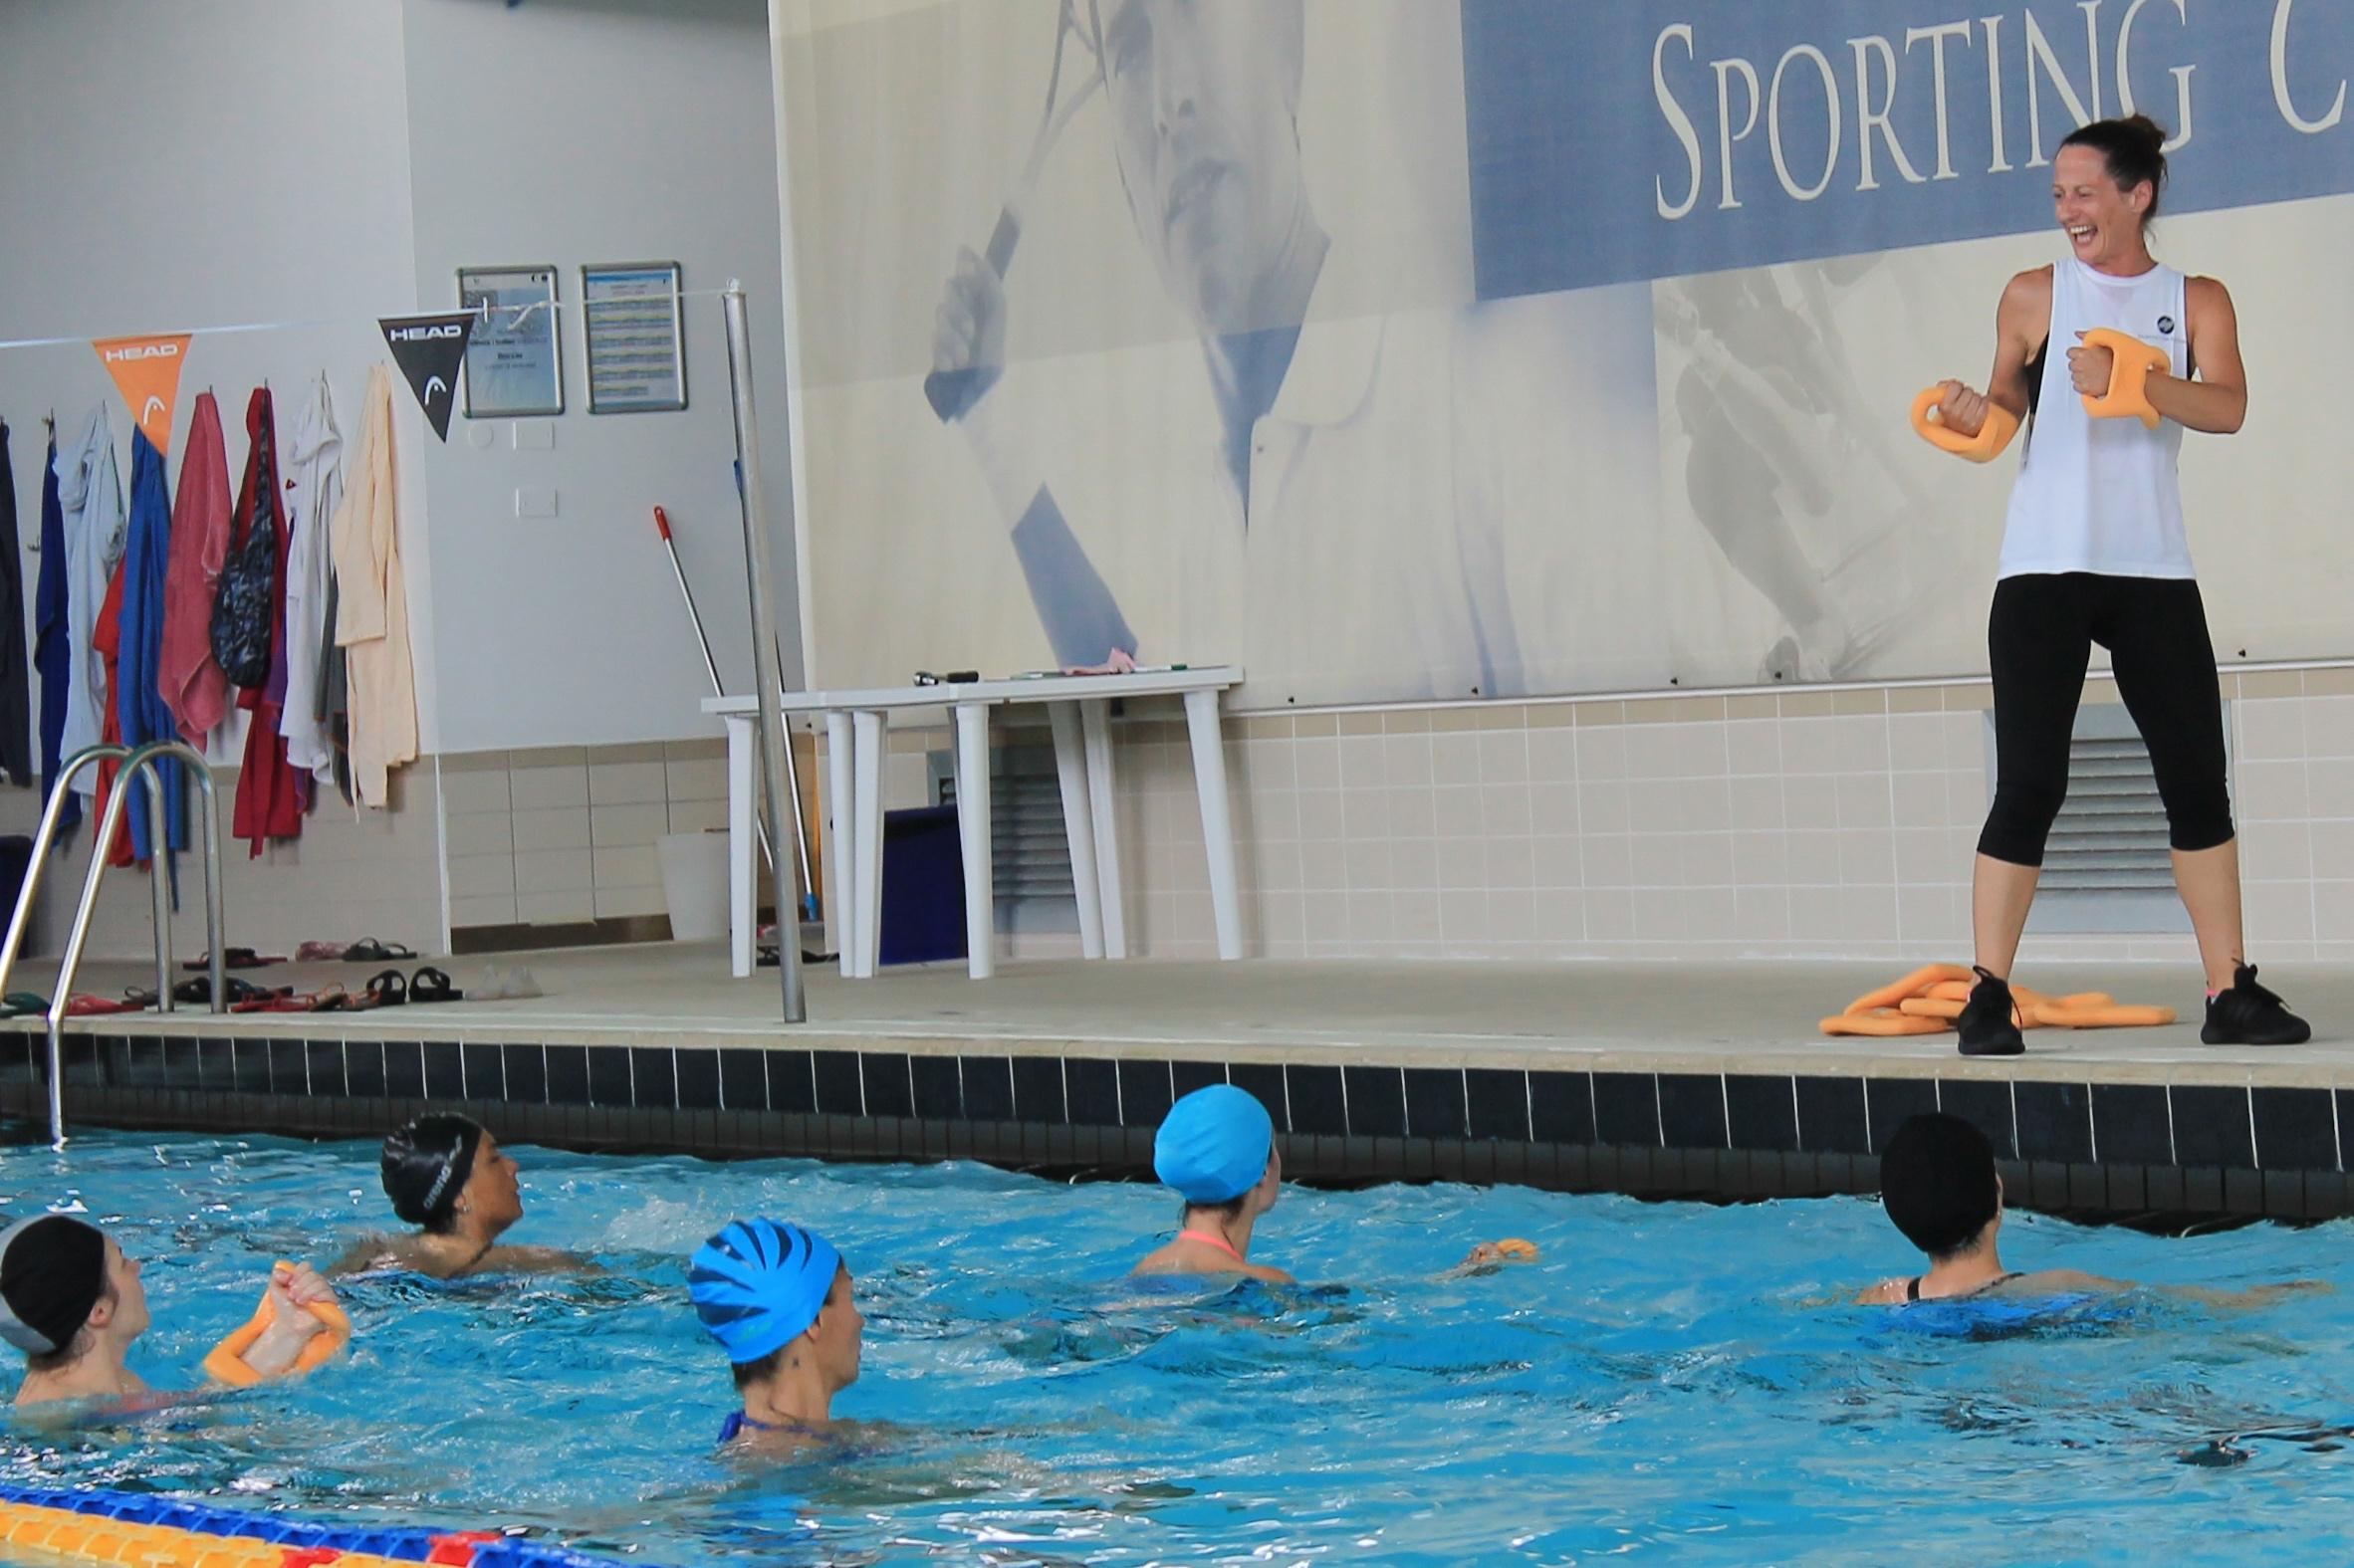 Acquagym - Lavoro aerobico e di tonificazione a corpo libero cercando di sfruttare la resistenza dell'acqua, per migliorare la flessibilità e il tono muscolare.